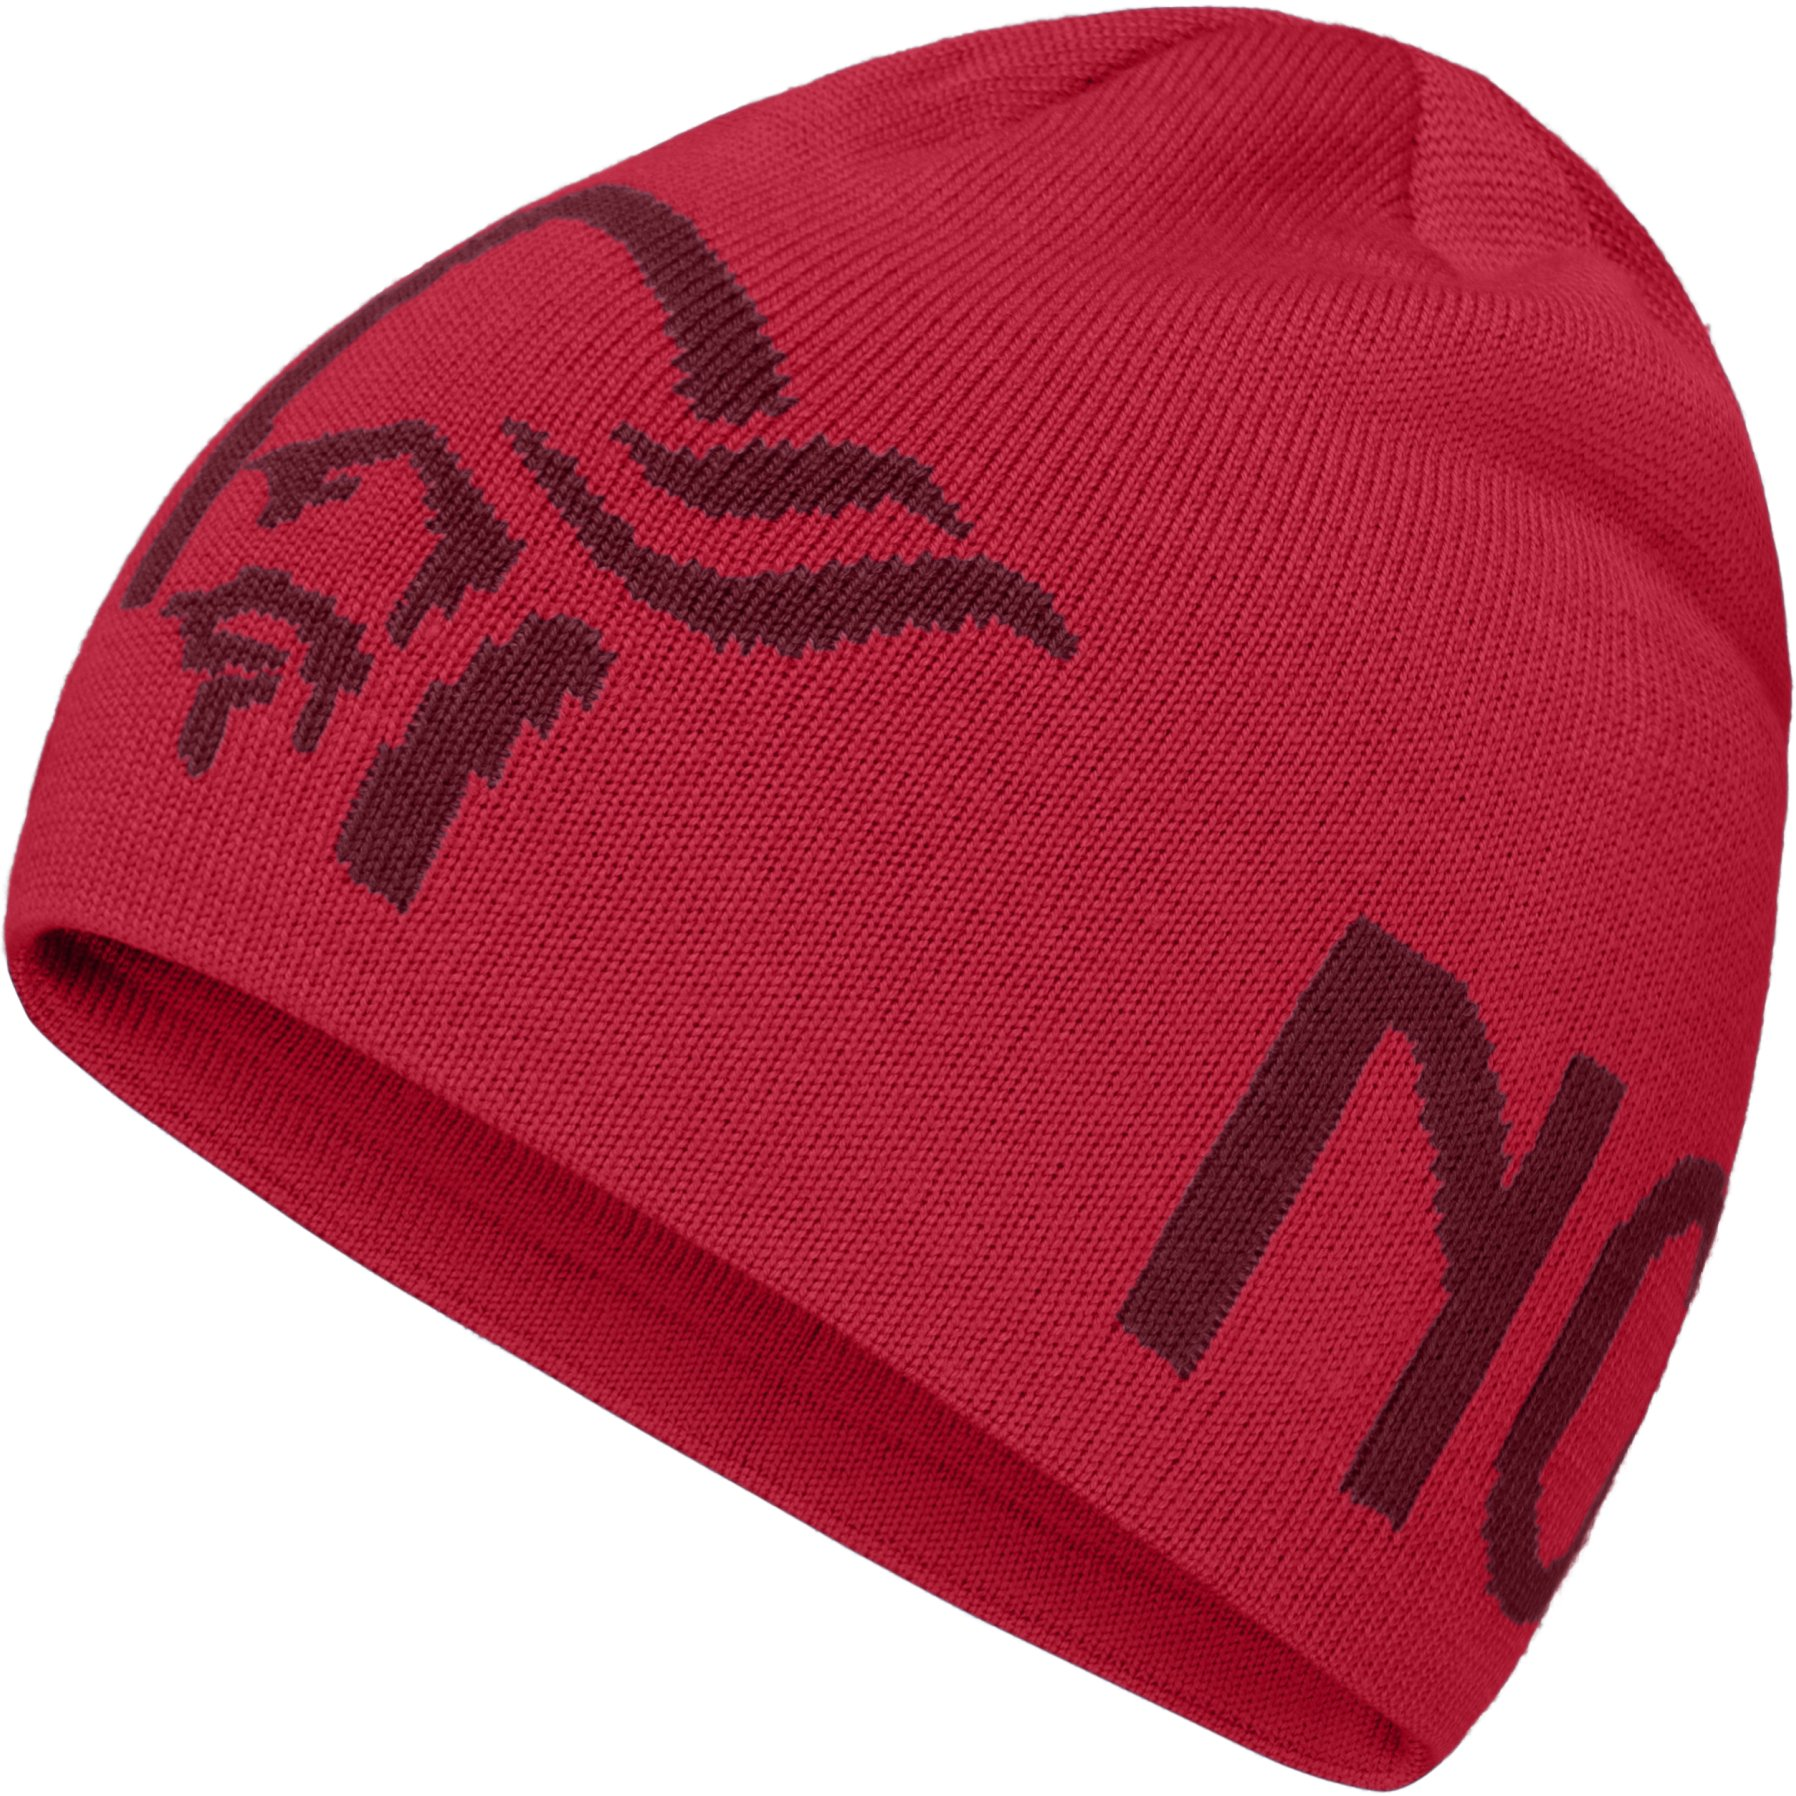 Norrona /29 Logo Beanie - True Red/Rhubarb